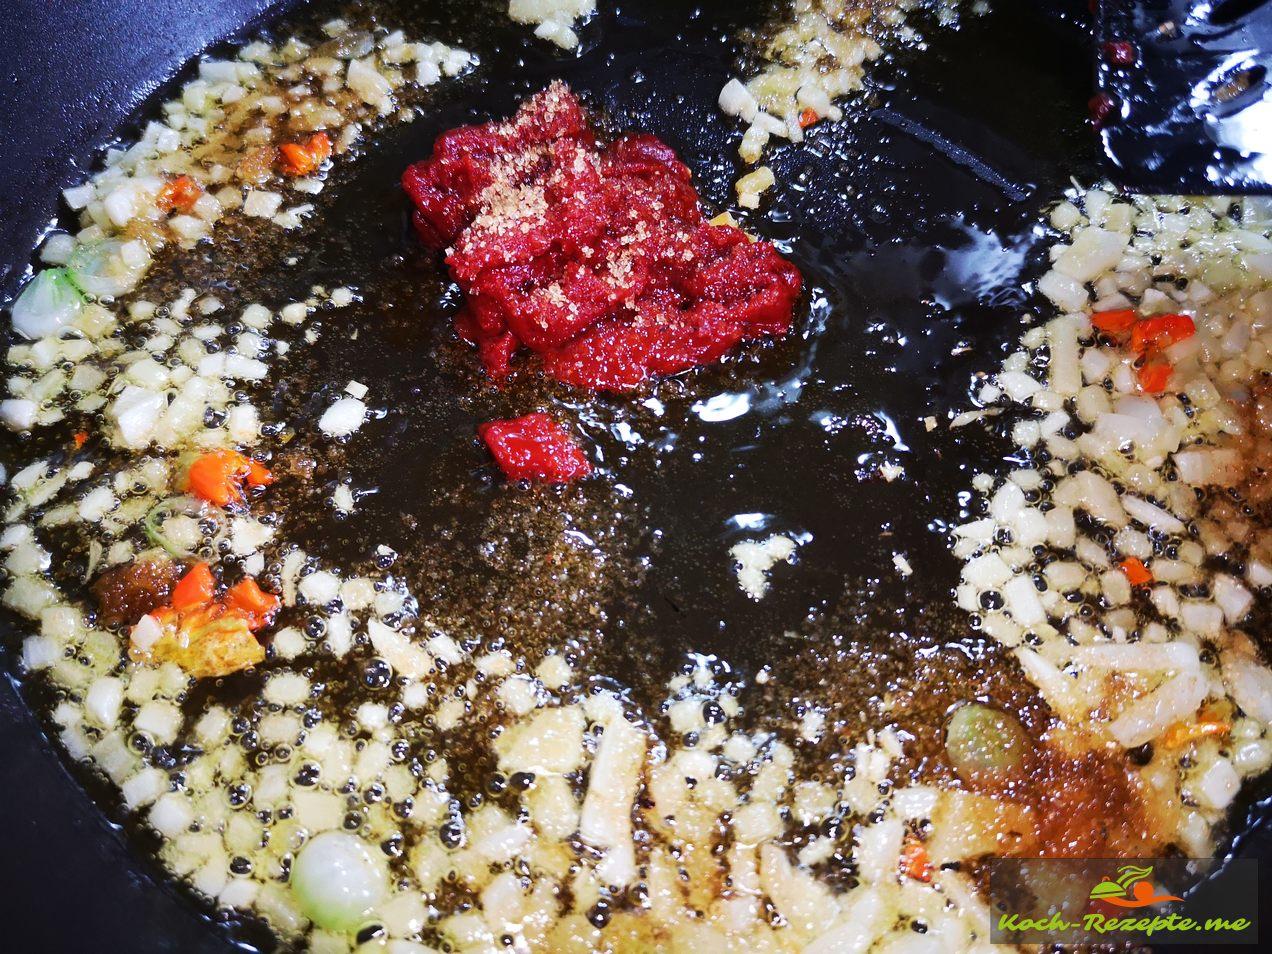 Knoblauch,Ingwer und Chili mit Tomatenmark